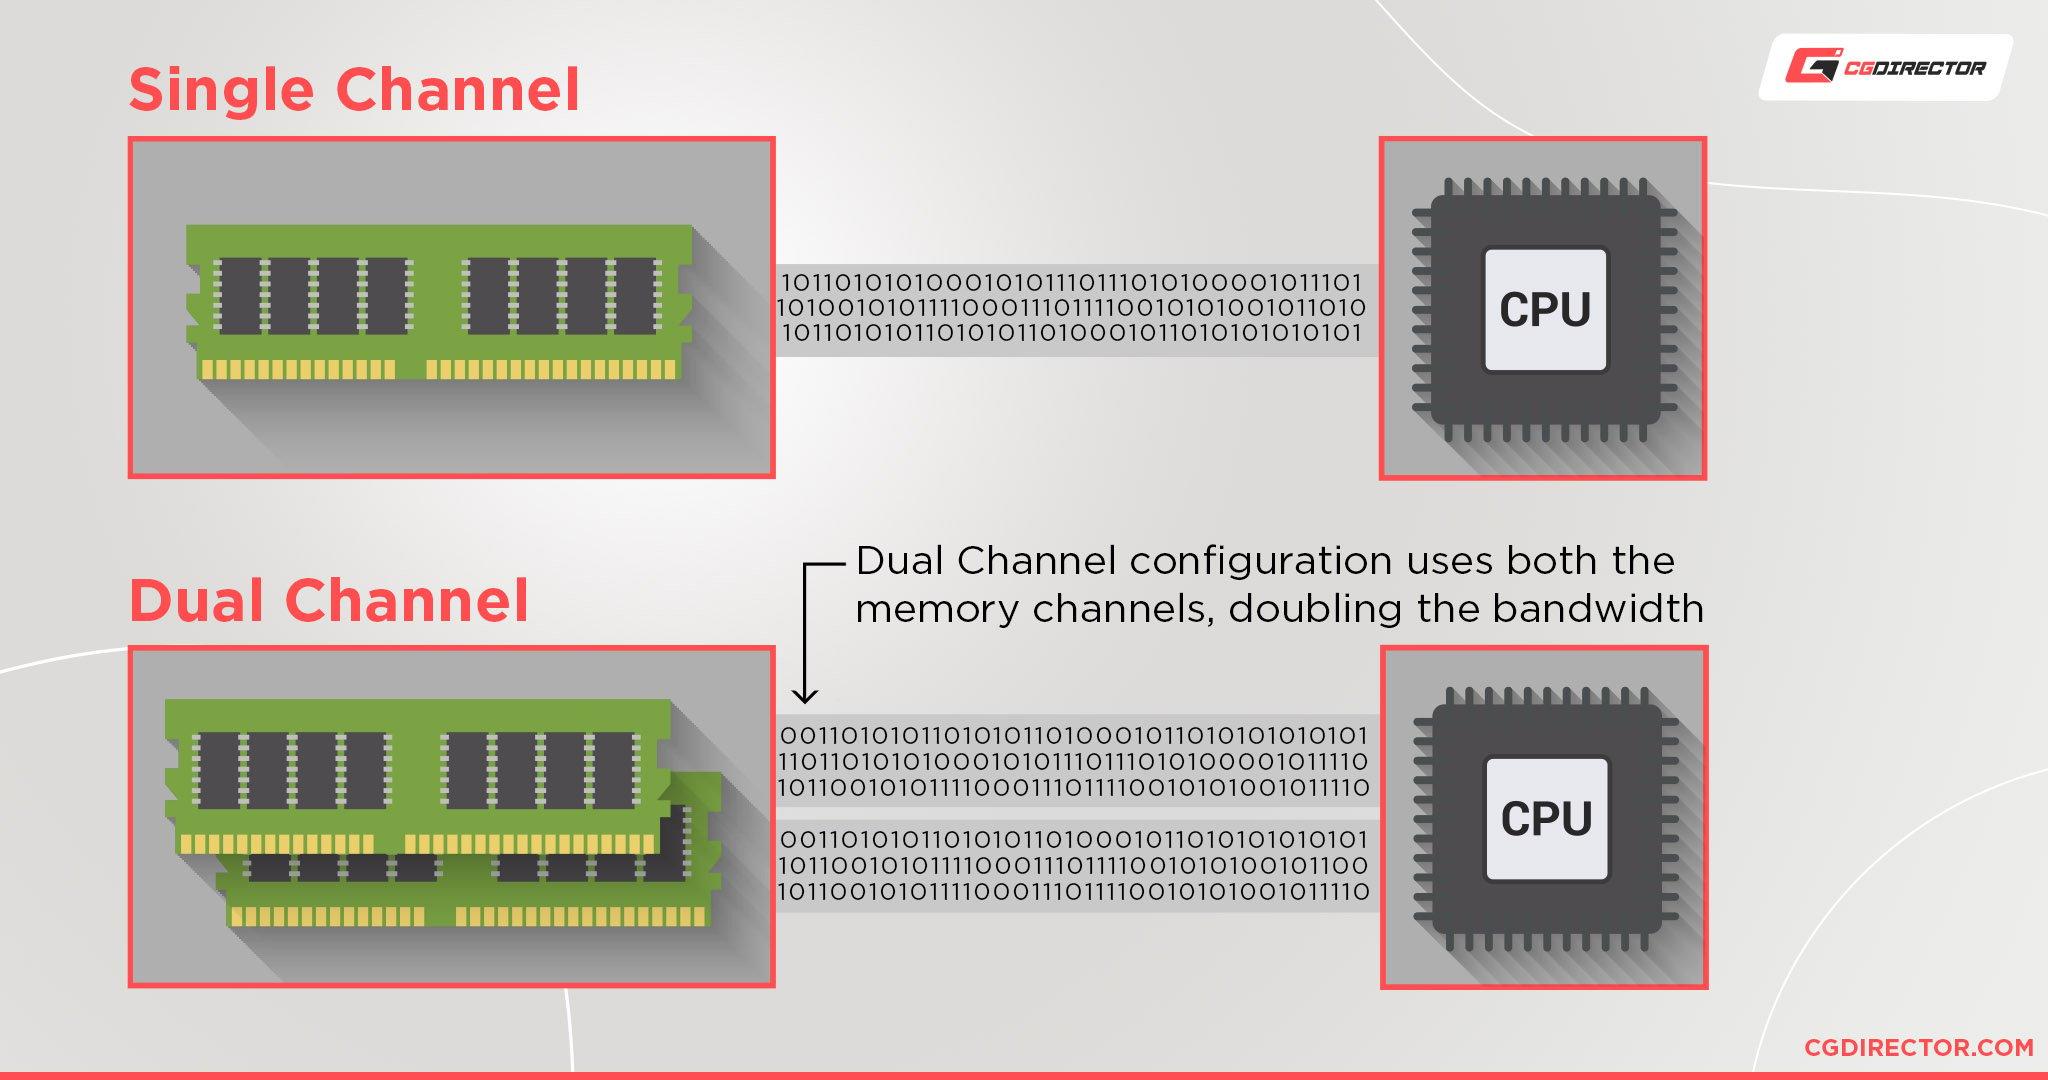 Dual Channel vs Single Channel